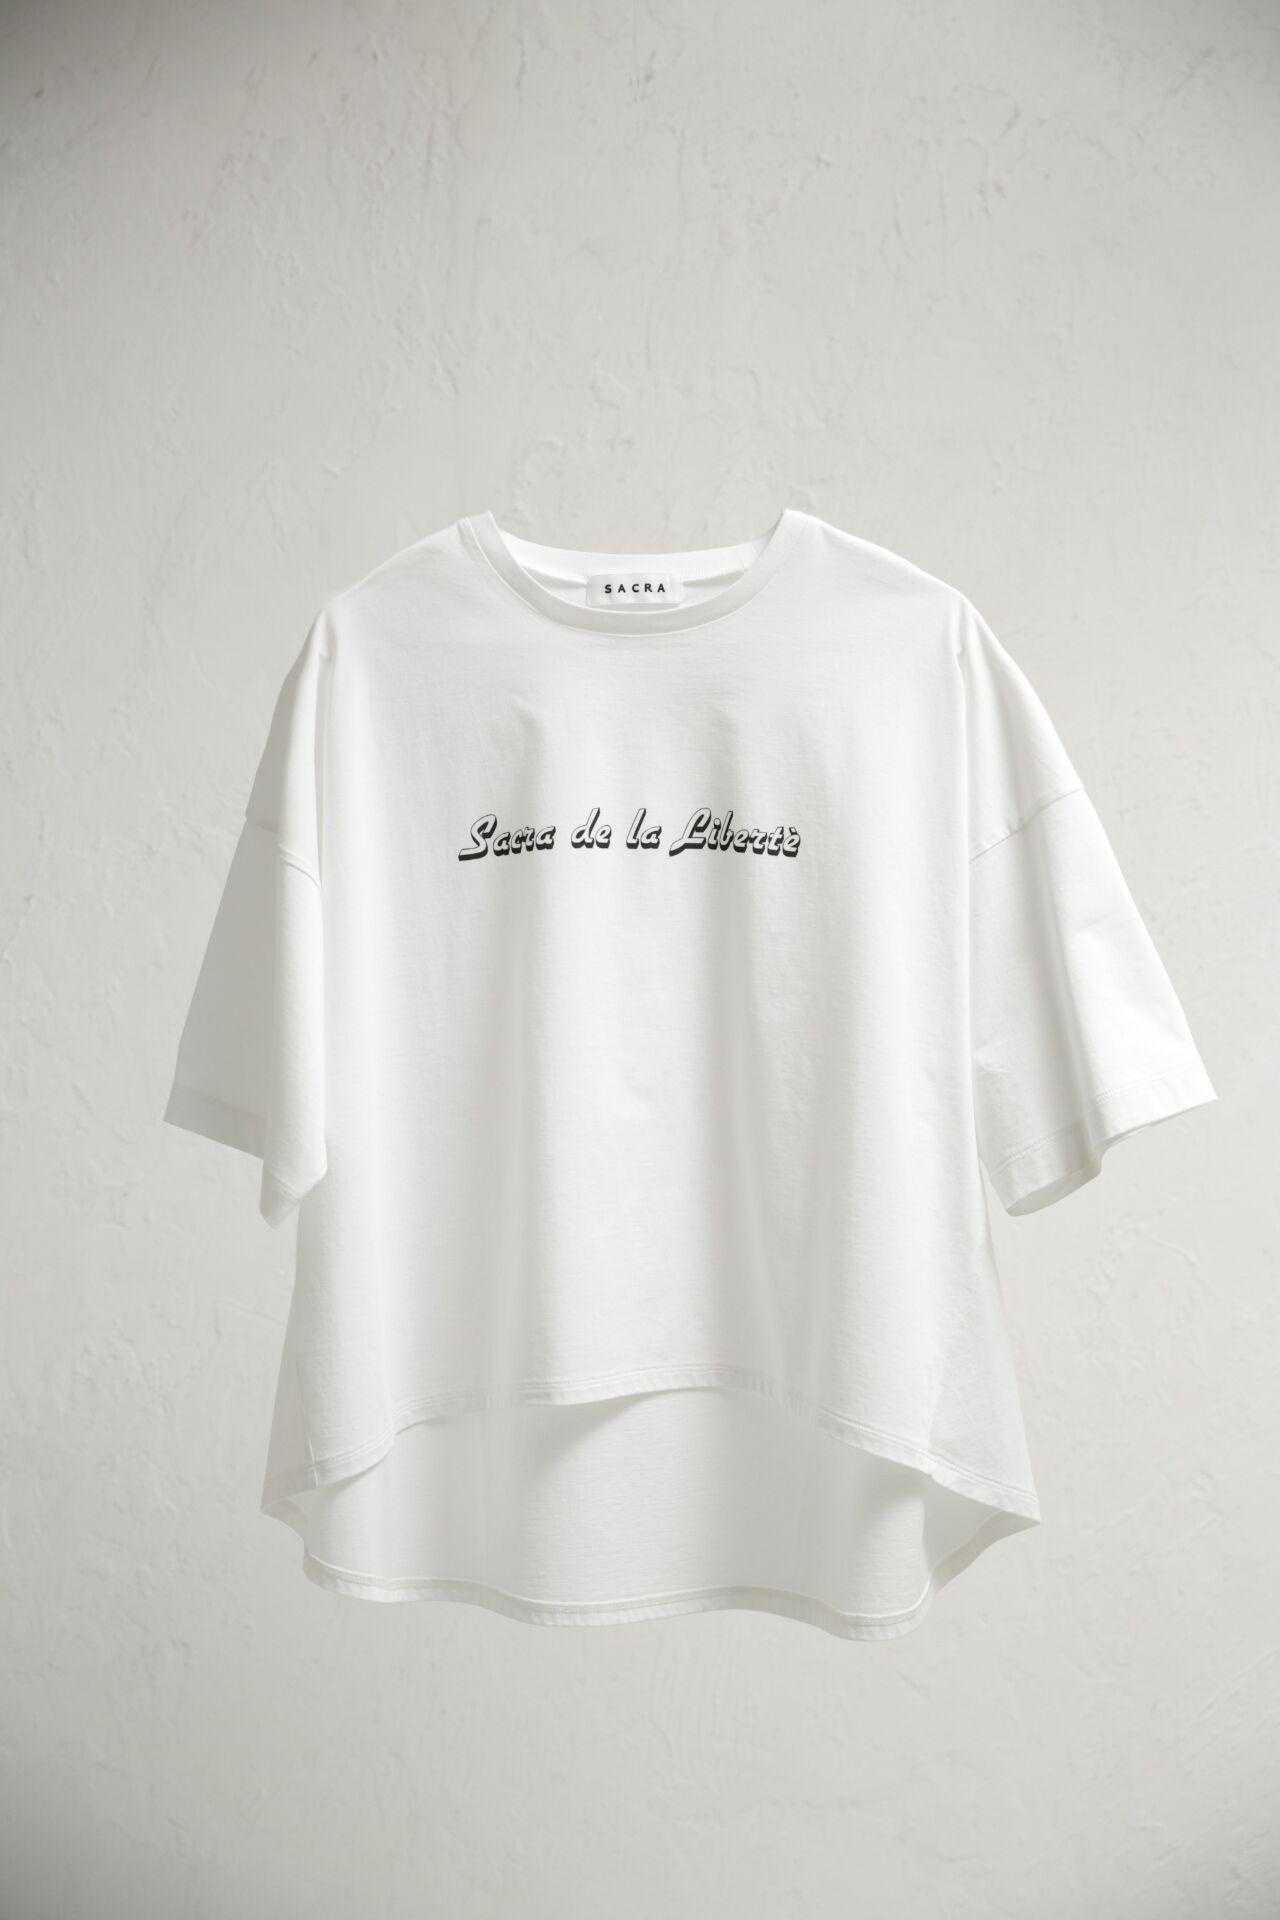 《Twitter フォロー&RTで応募》人気のレディースブランド『SACRA』のオリジナルロゴTシャツを2名様に♡__2